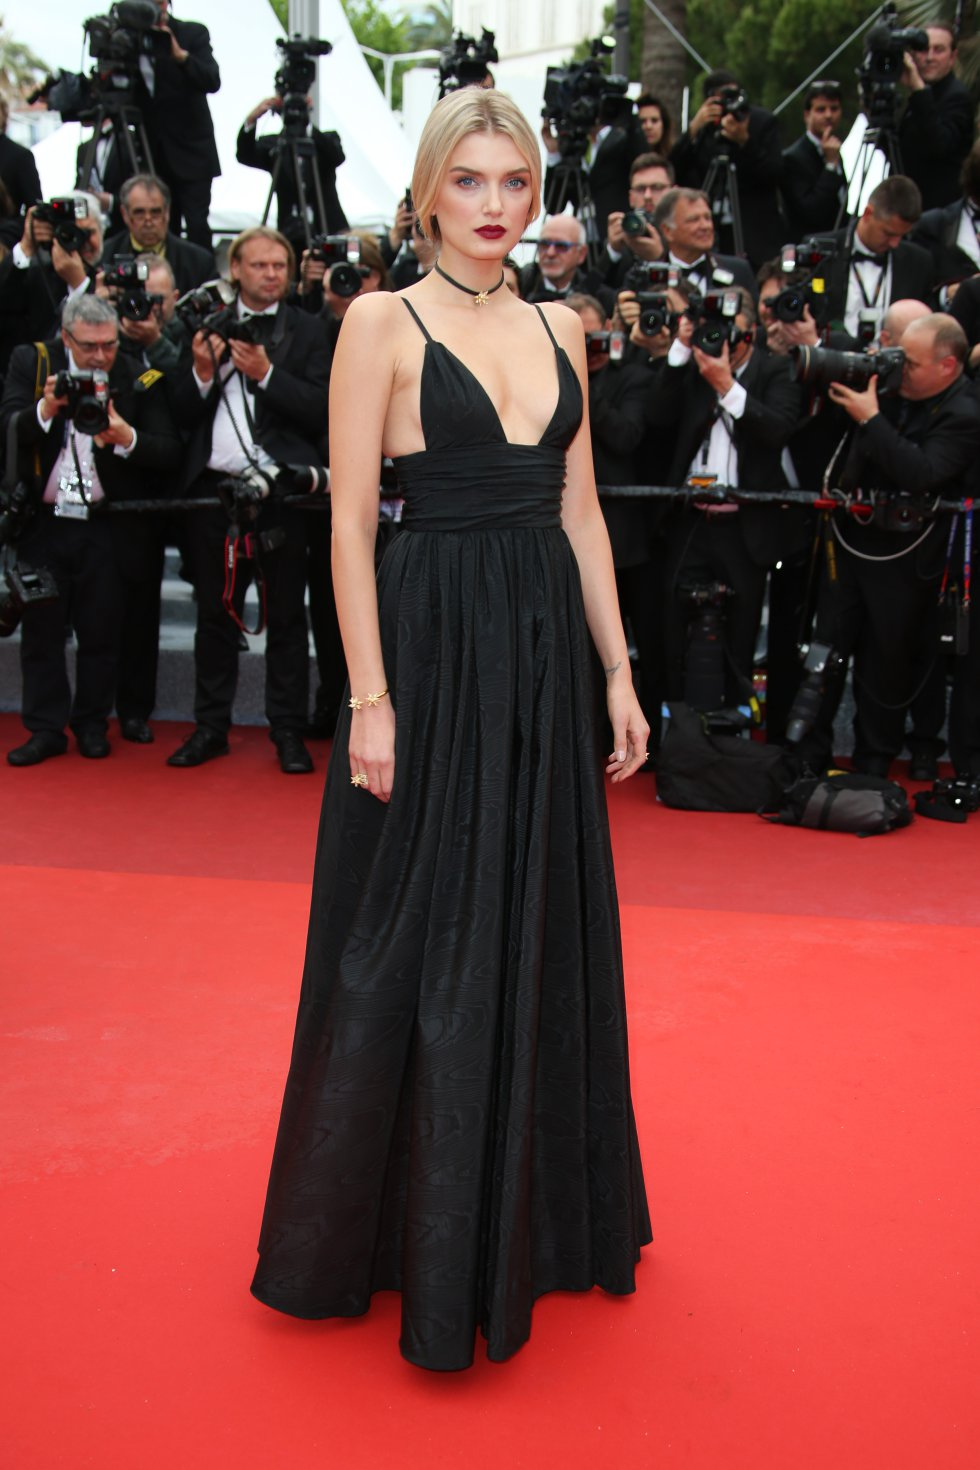 Lily Donaldson, modelo inglesa conocida por ser la cara de algunas campañas publicitarias de Burberry, Roberto Cavalli, Dolce & Gabbana, entre otras.